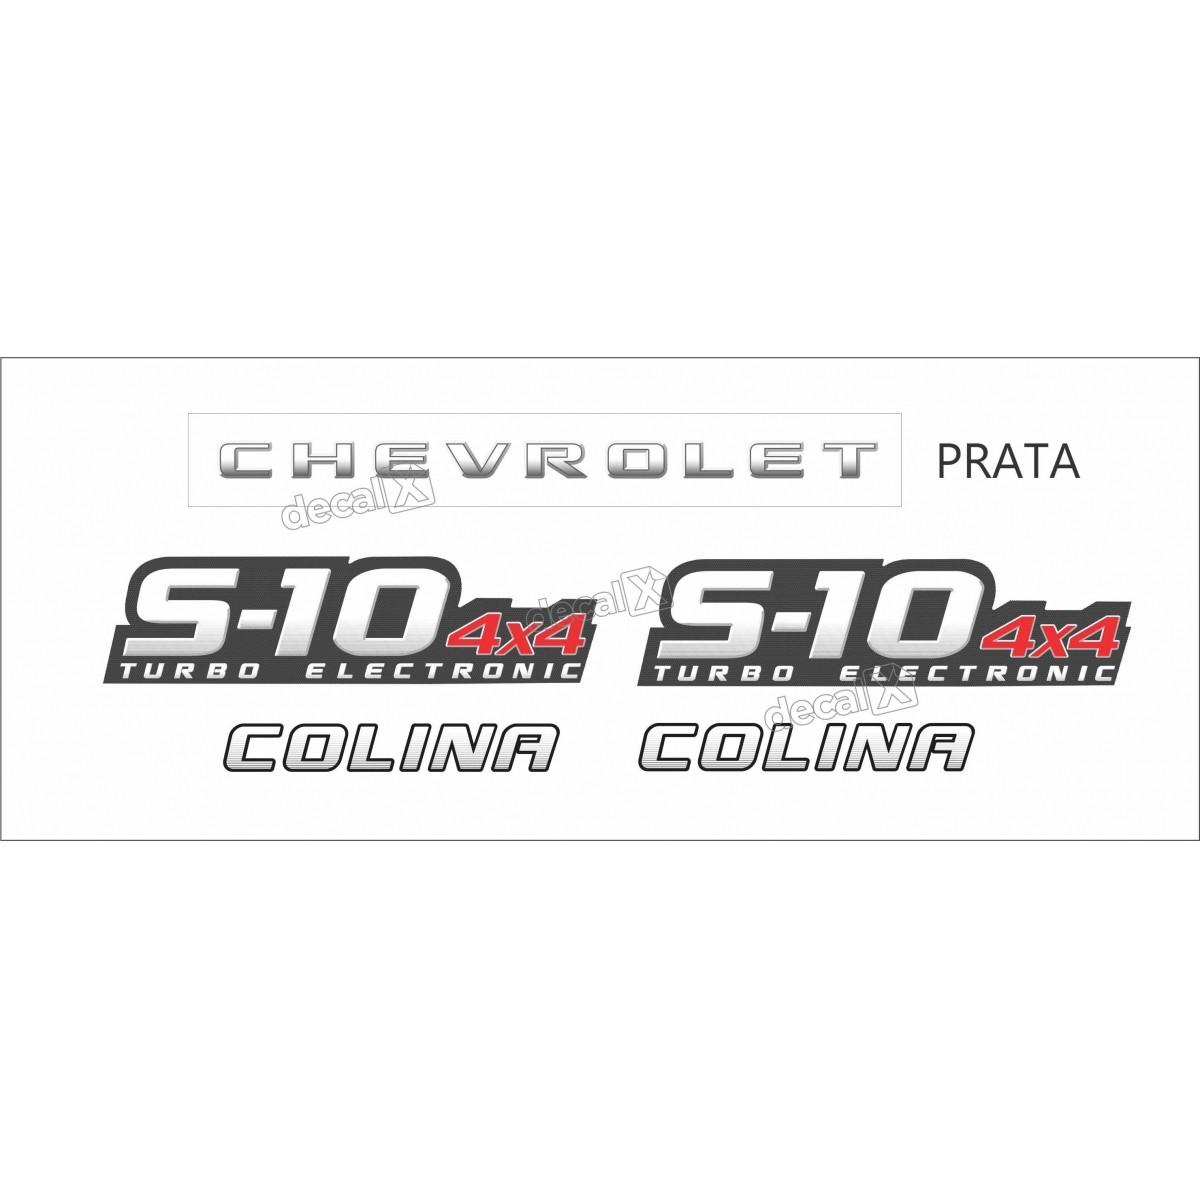 Faixa Adesivo Chevrolet S10 Colina 4x4 2009 A 2011 Kit12